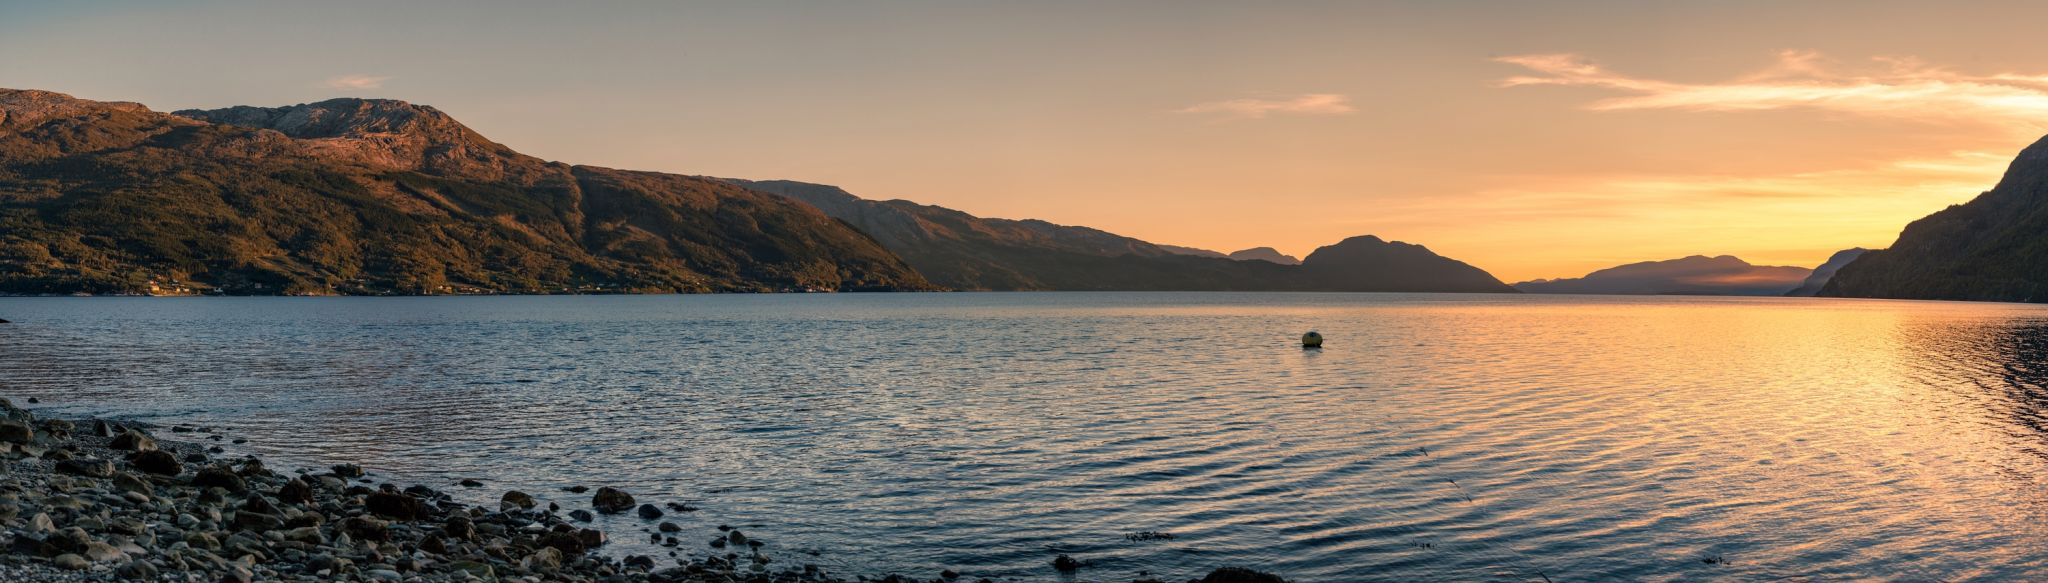 Sunset at Hardangerfjord, Norway